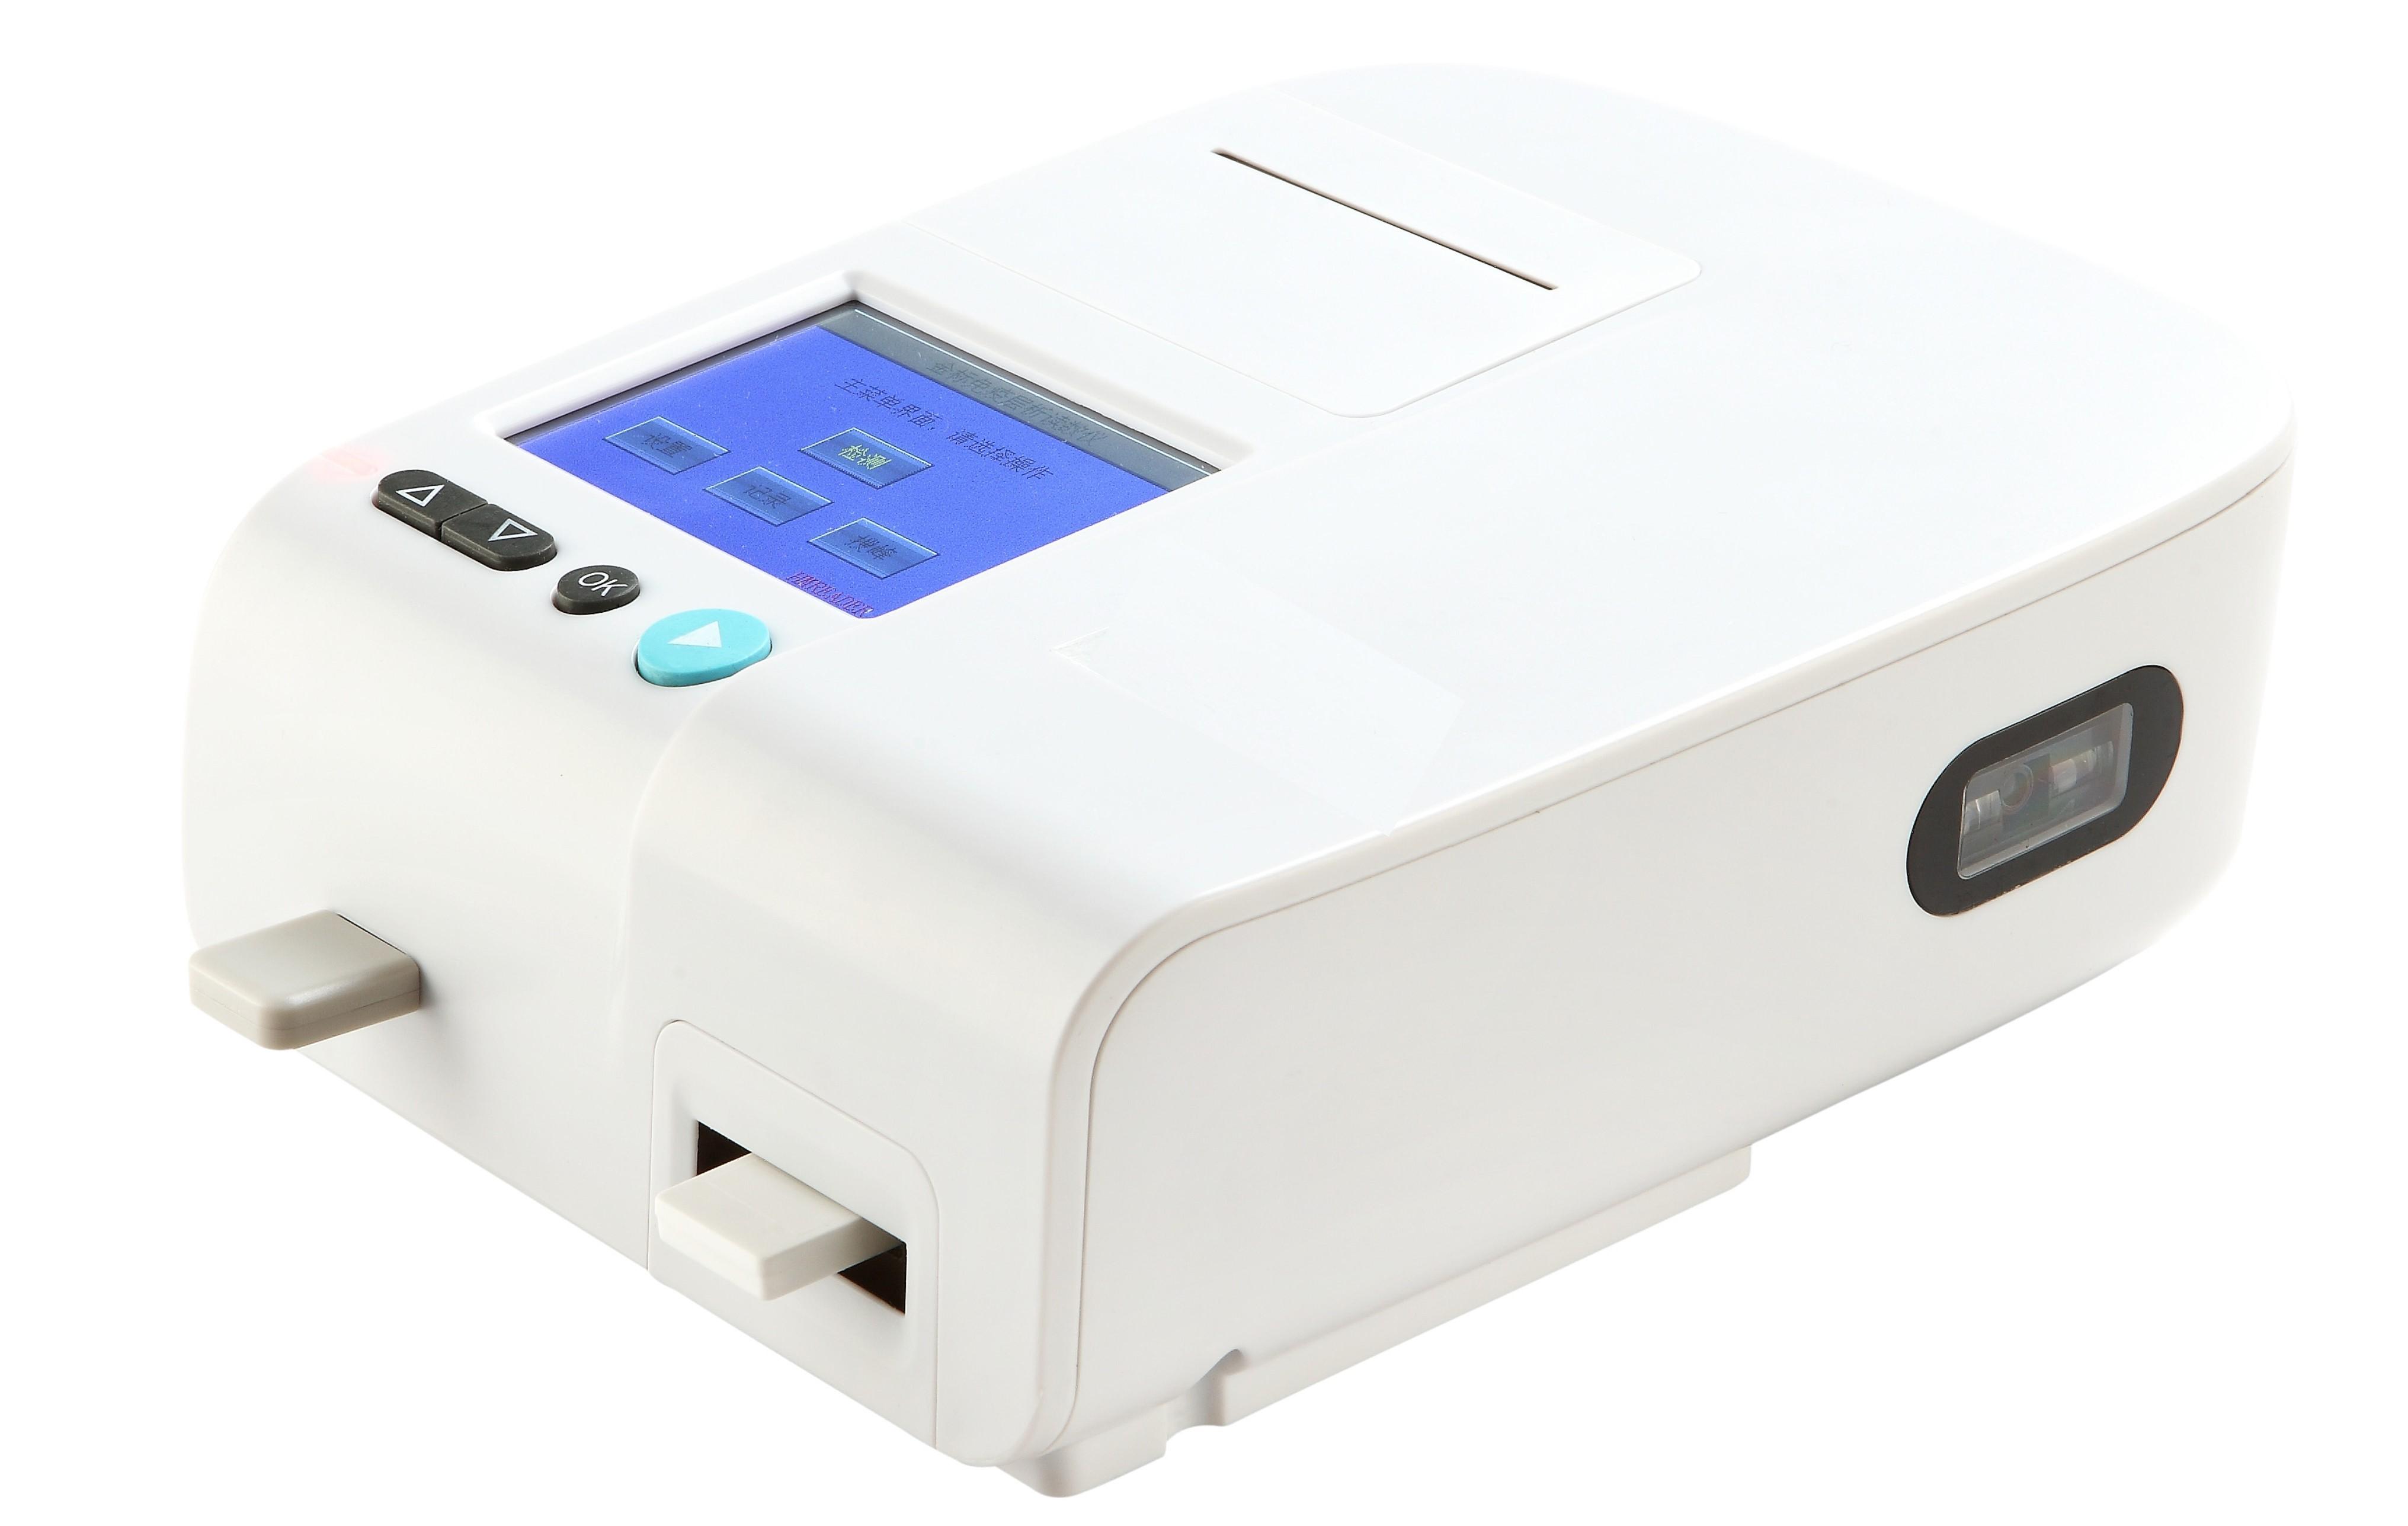 干式免疫荧光分析仪